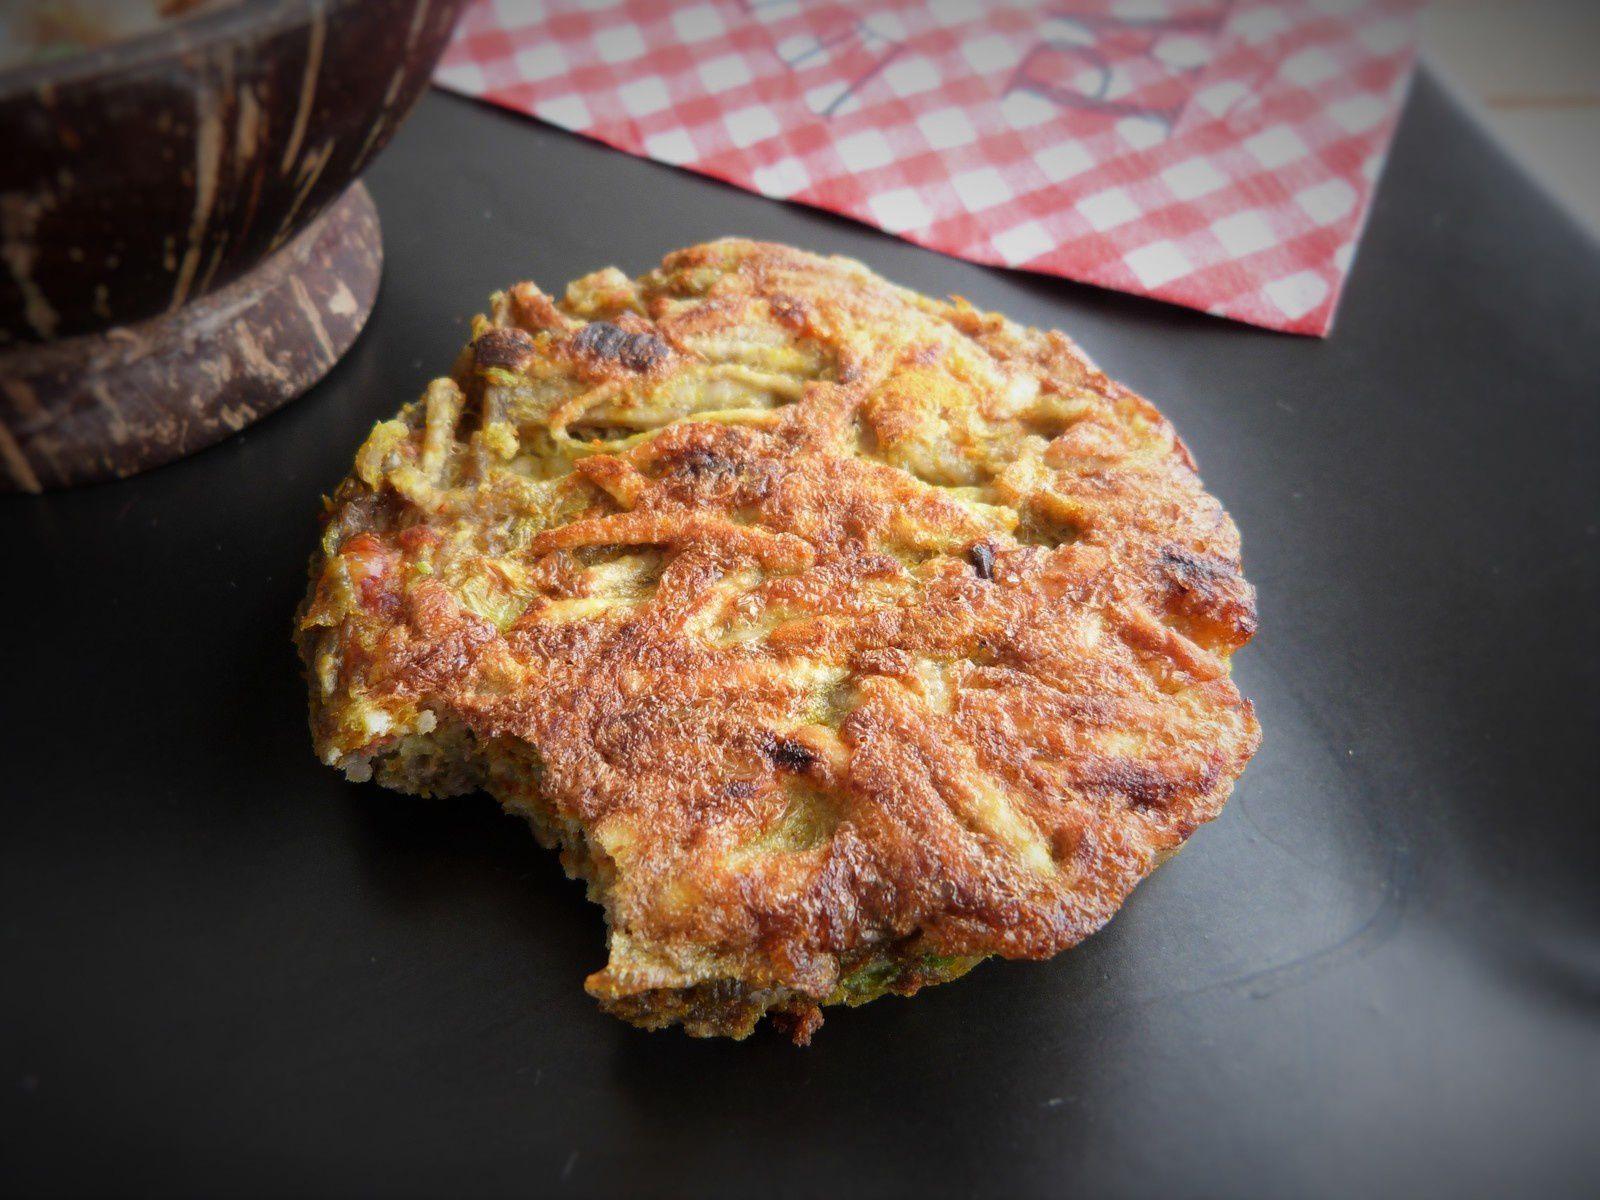 Galettes de Patate Douce au Chorizo - Les Voyages de Gridelle